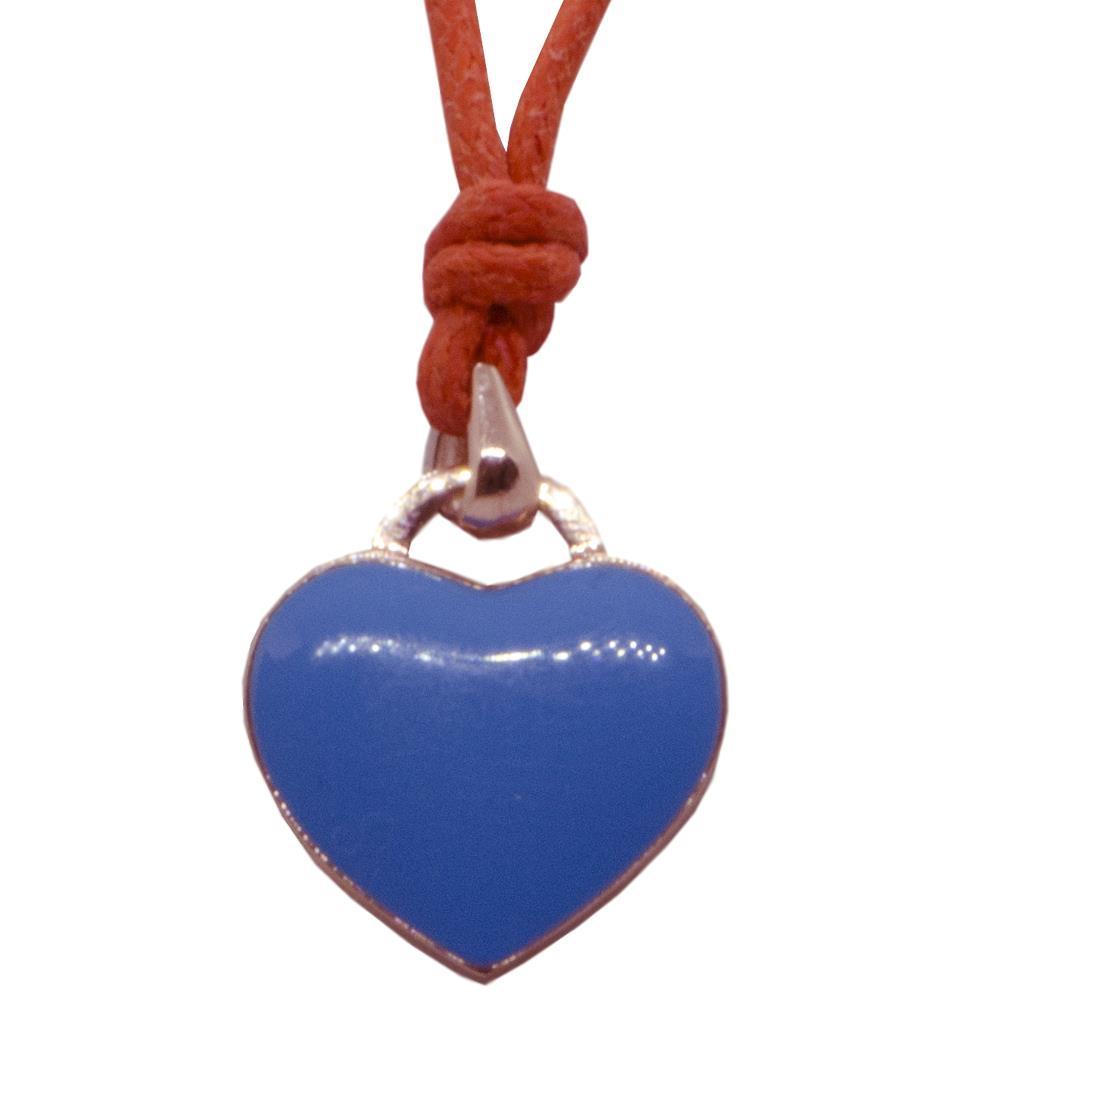 Collier cordino arancio con ciondolo cuore in oro rosa 9kt e smalto blu - ALFIERI ST JOHN